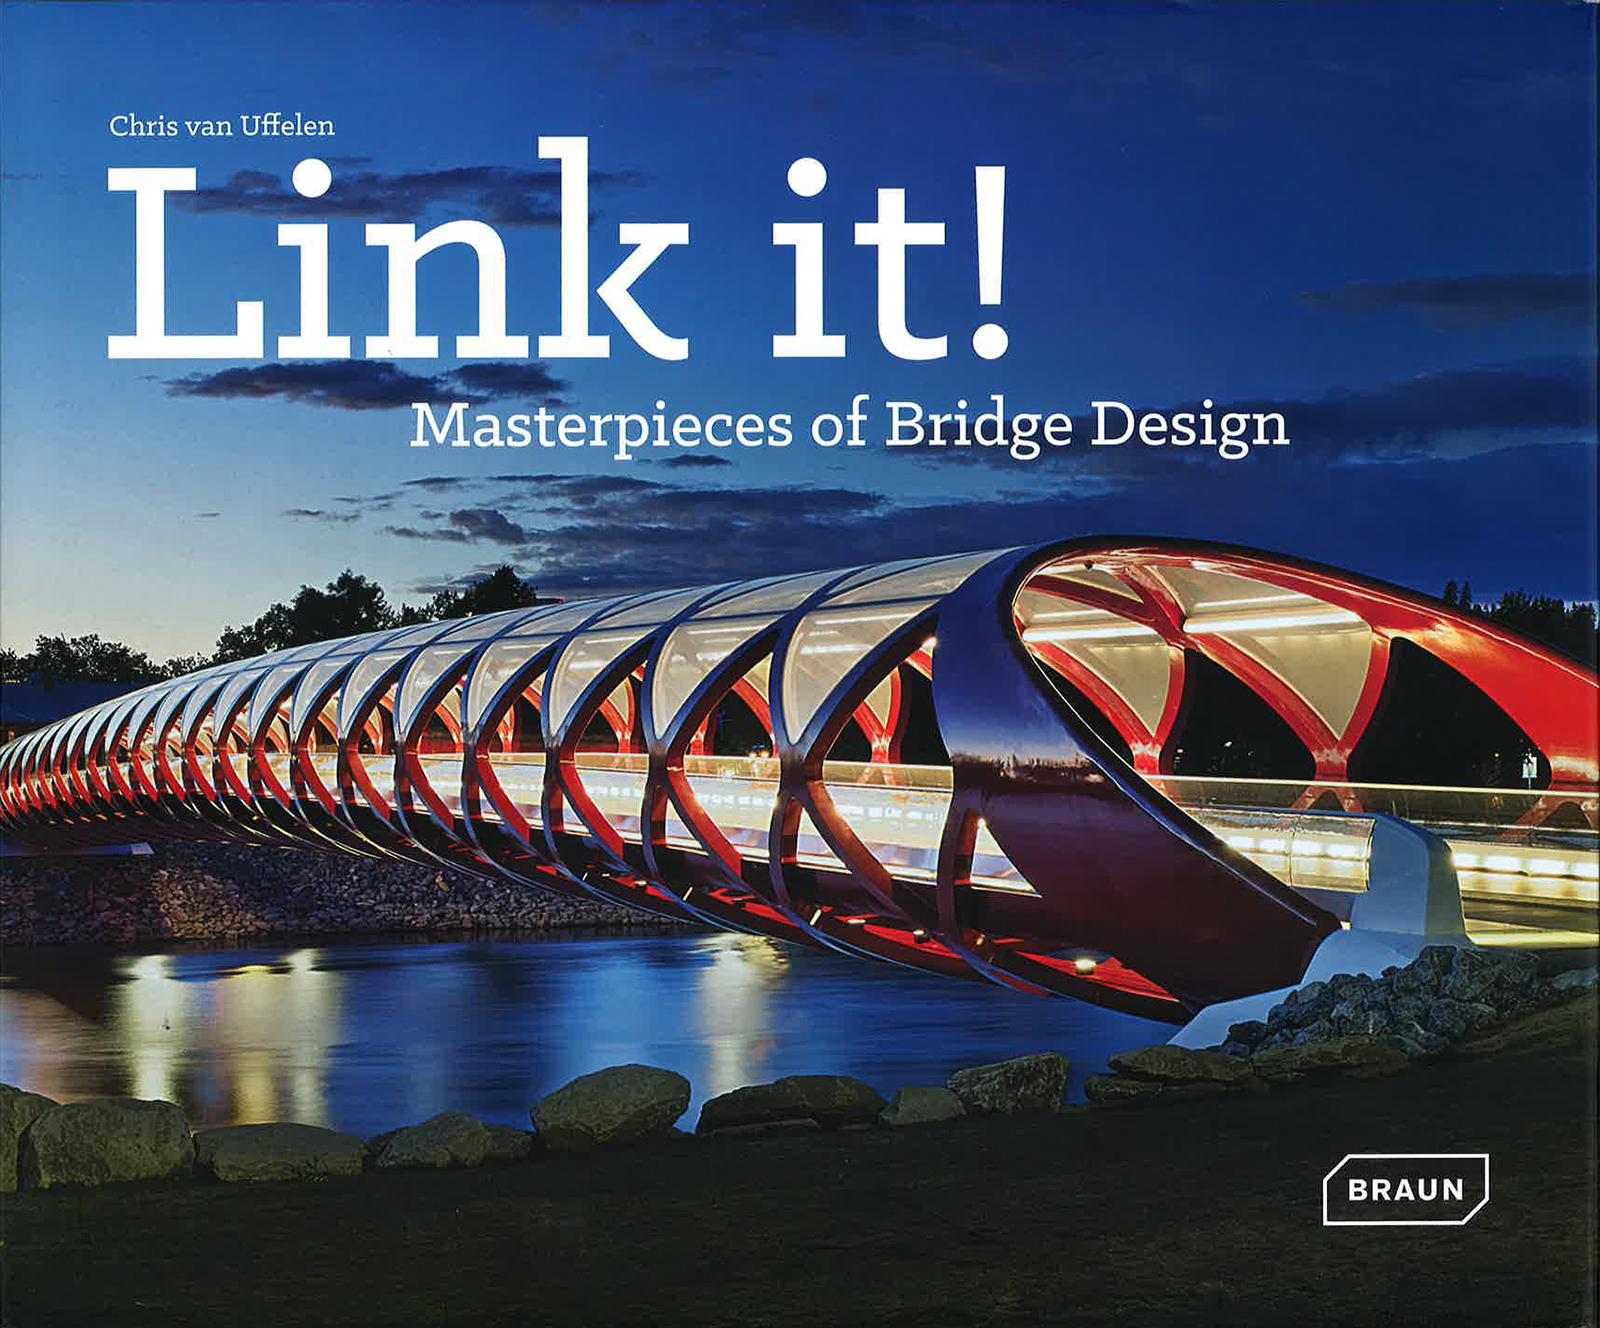 Link it! Masterpieces of Bridge Design Chris van Uffelen Braun Publishing, Salenstein CH 2015 ISBN 978-3-03768-175-6